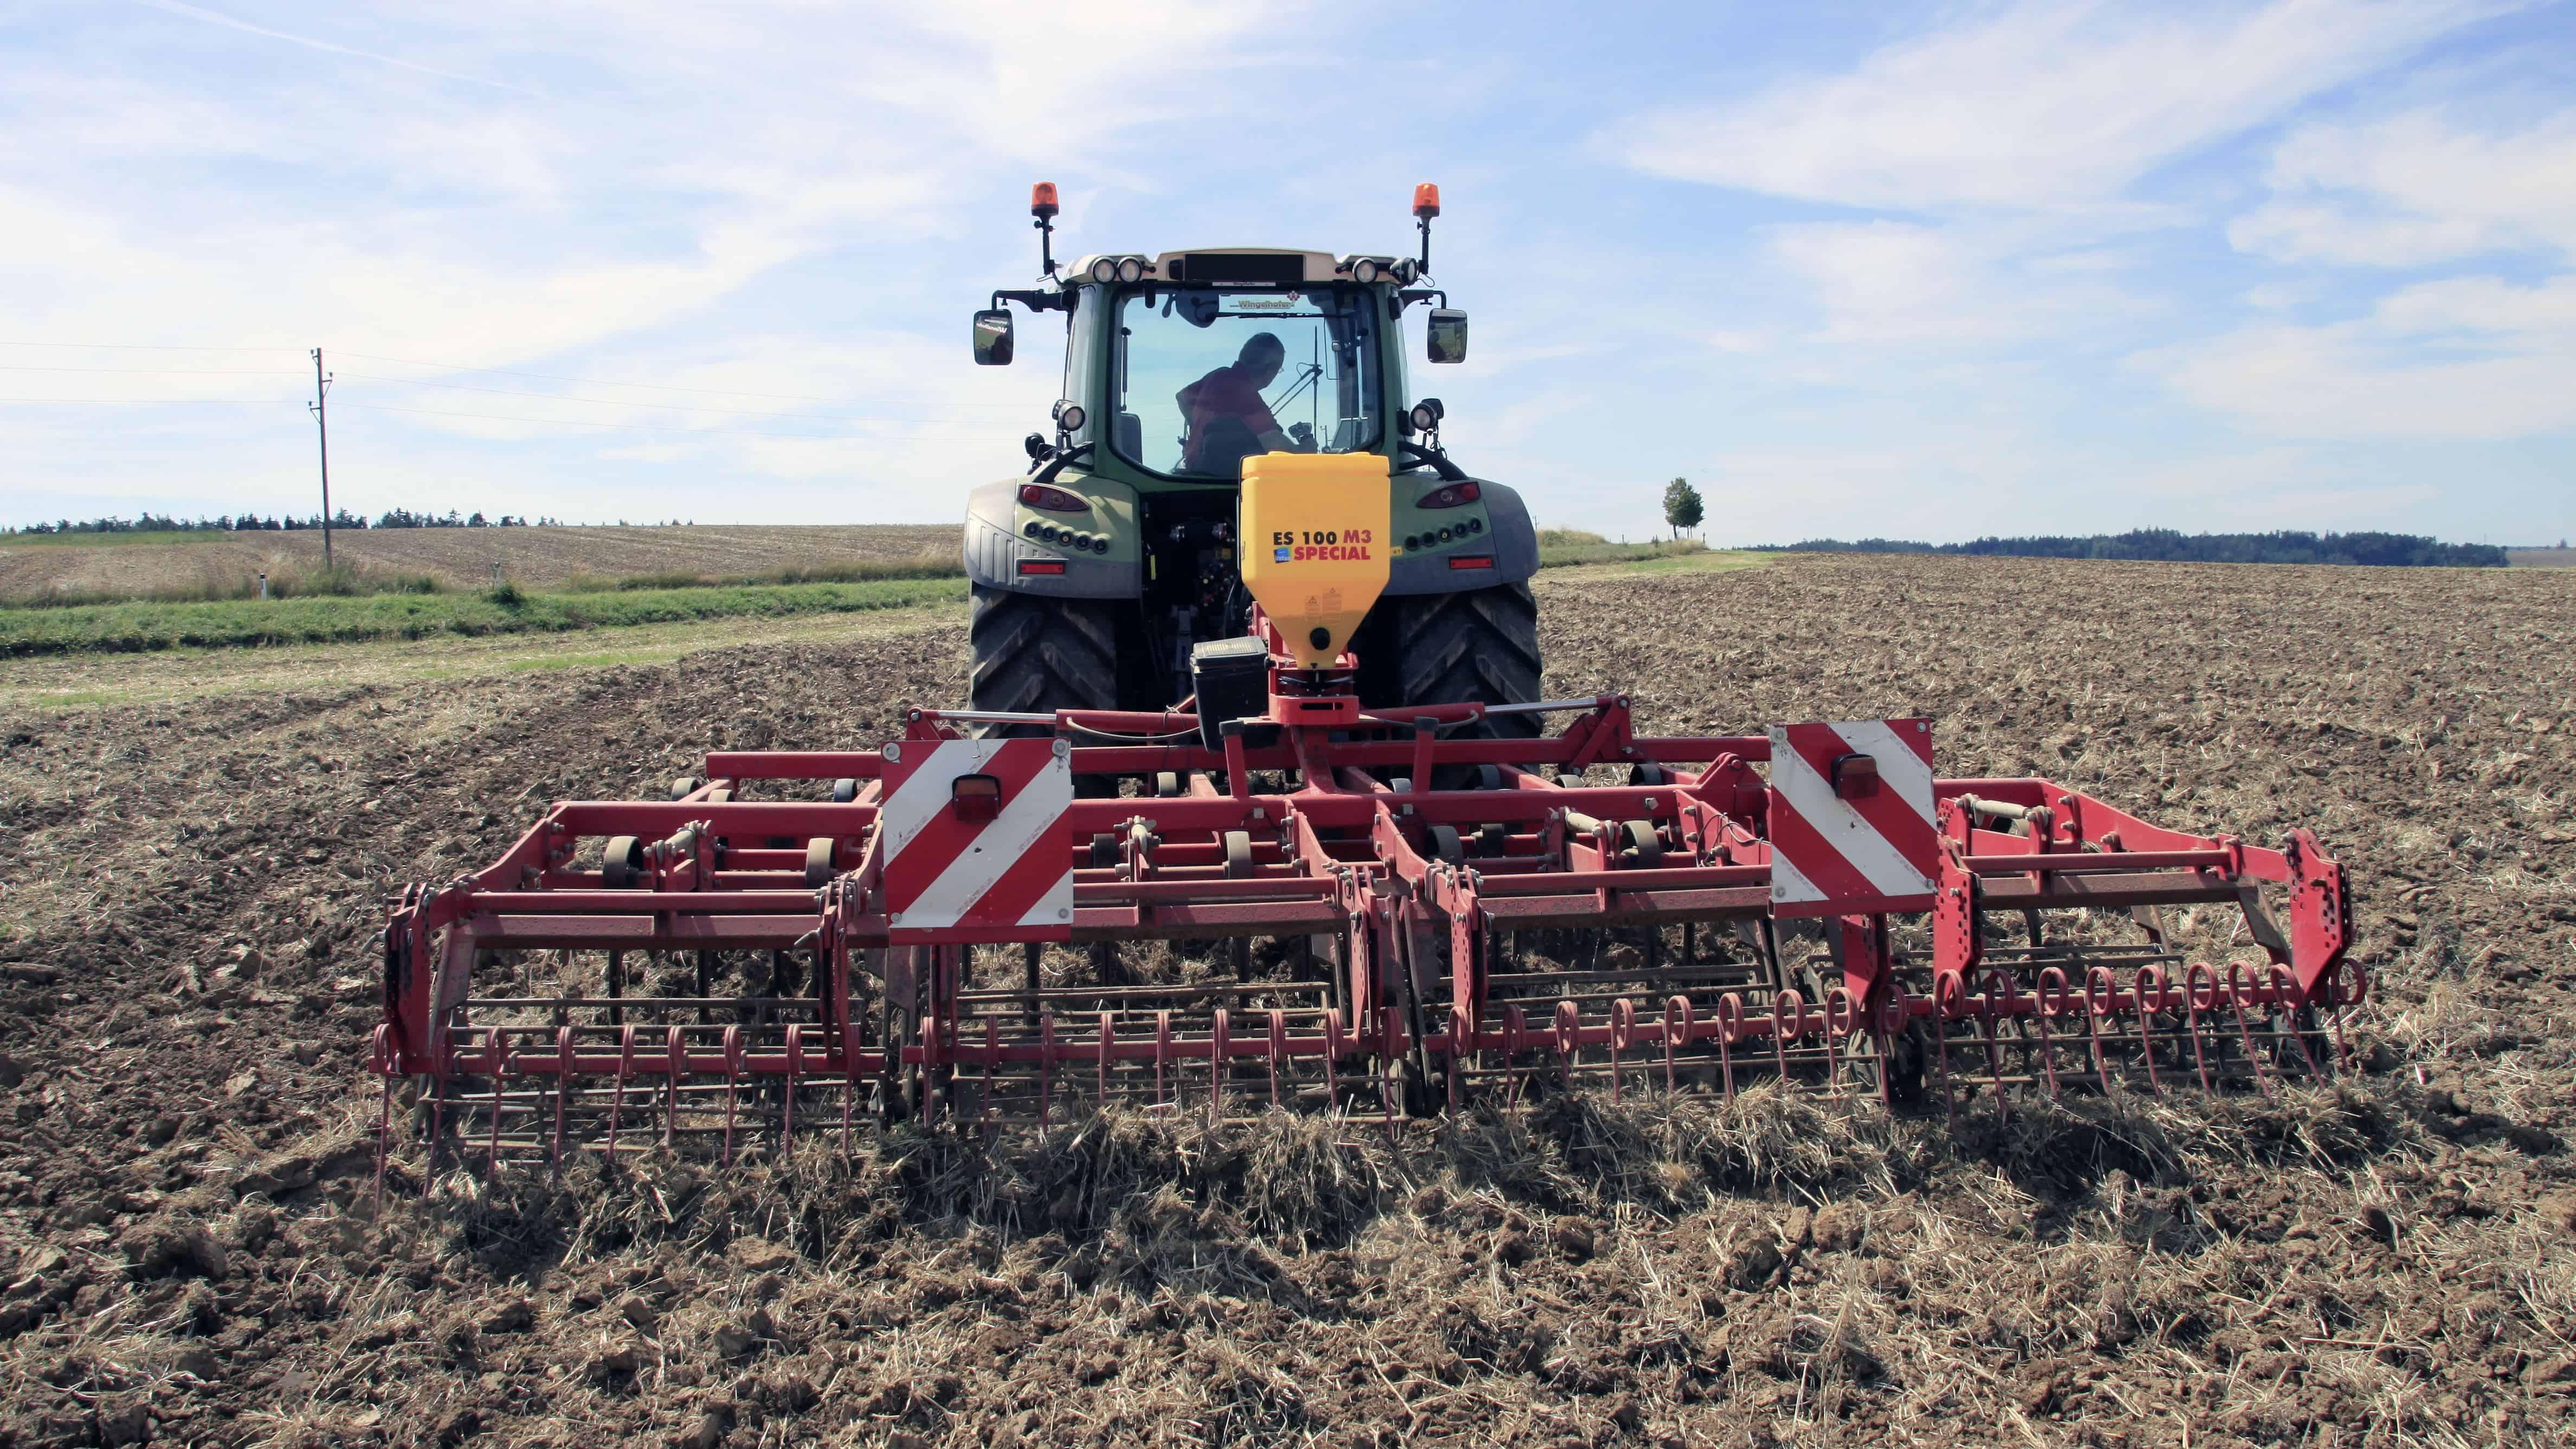 Žolės sėklų sėjamoji ES 100 M3 Special pakabinta ant kultivatoriaus